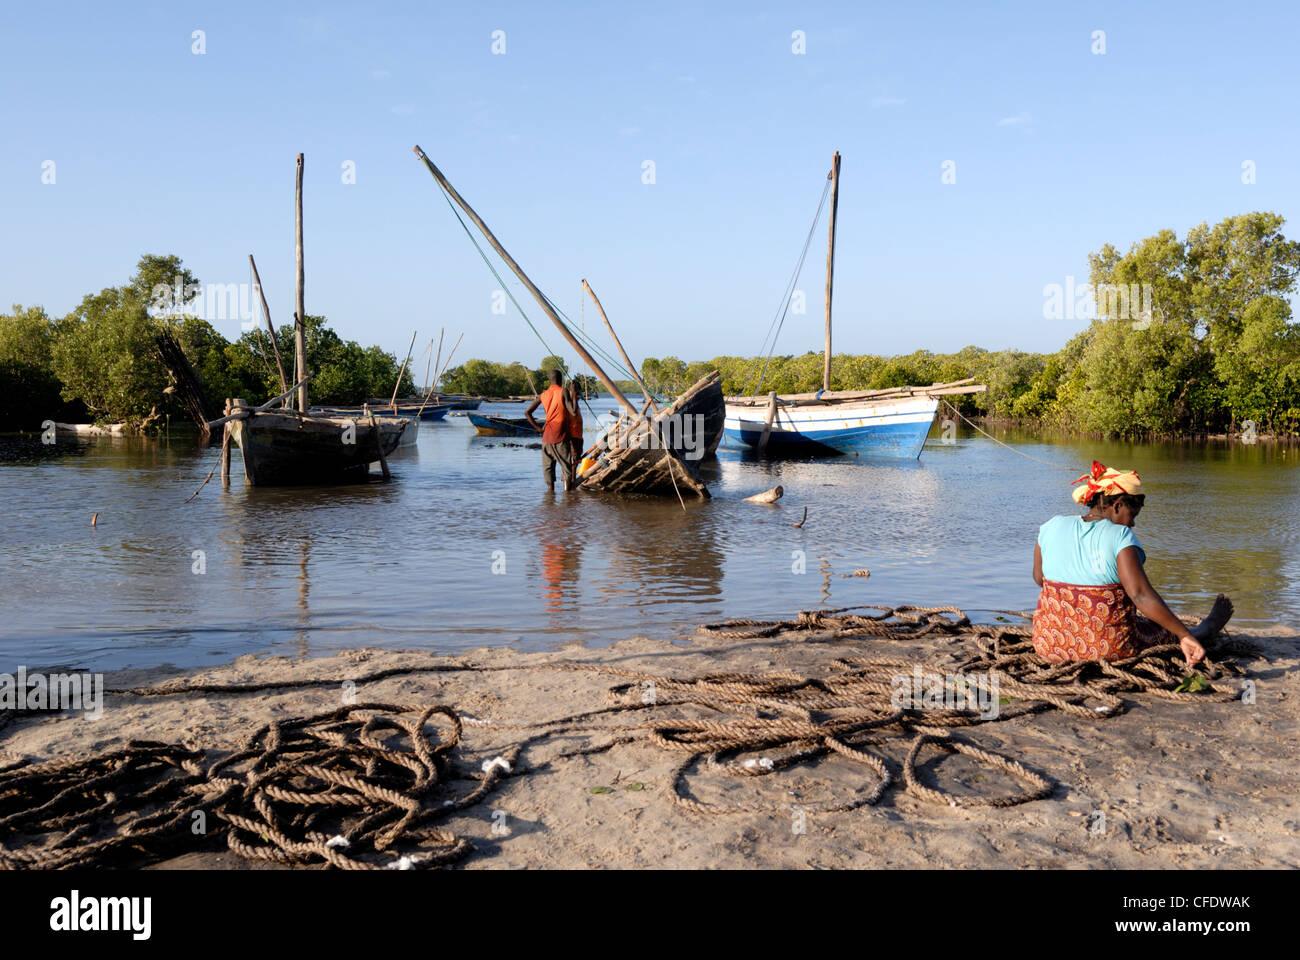 Los dhows, cerca del puerto de la isla de IBO, en Mozambique, África Imagen De Stock